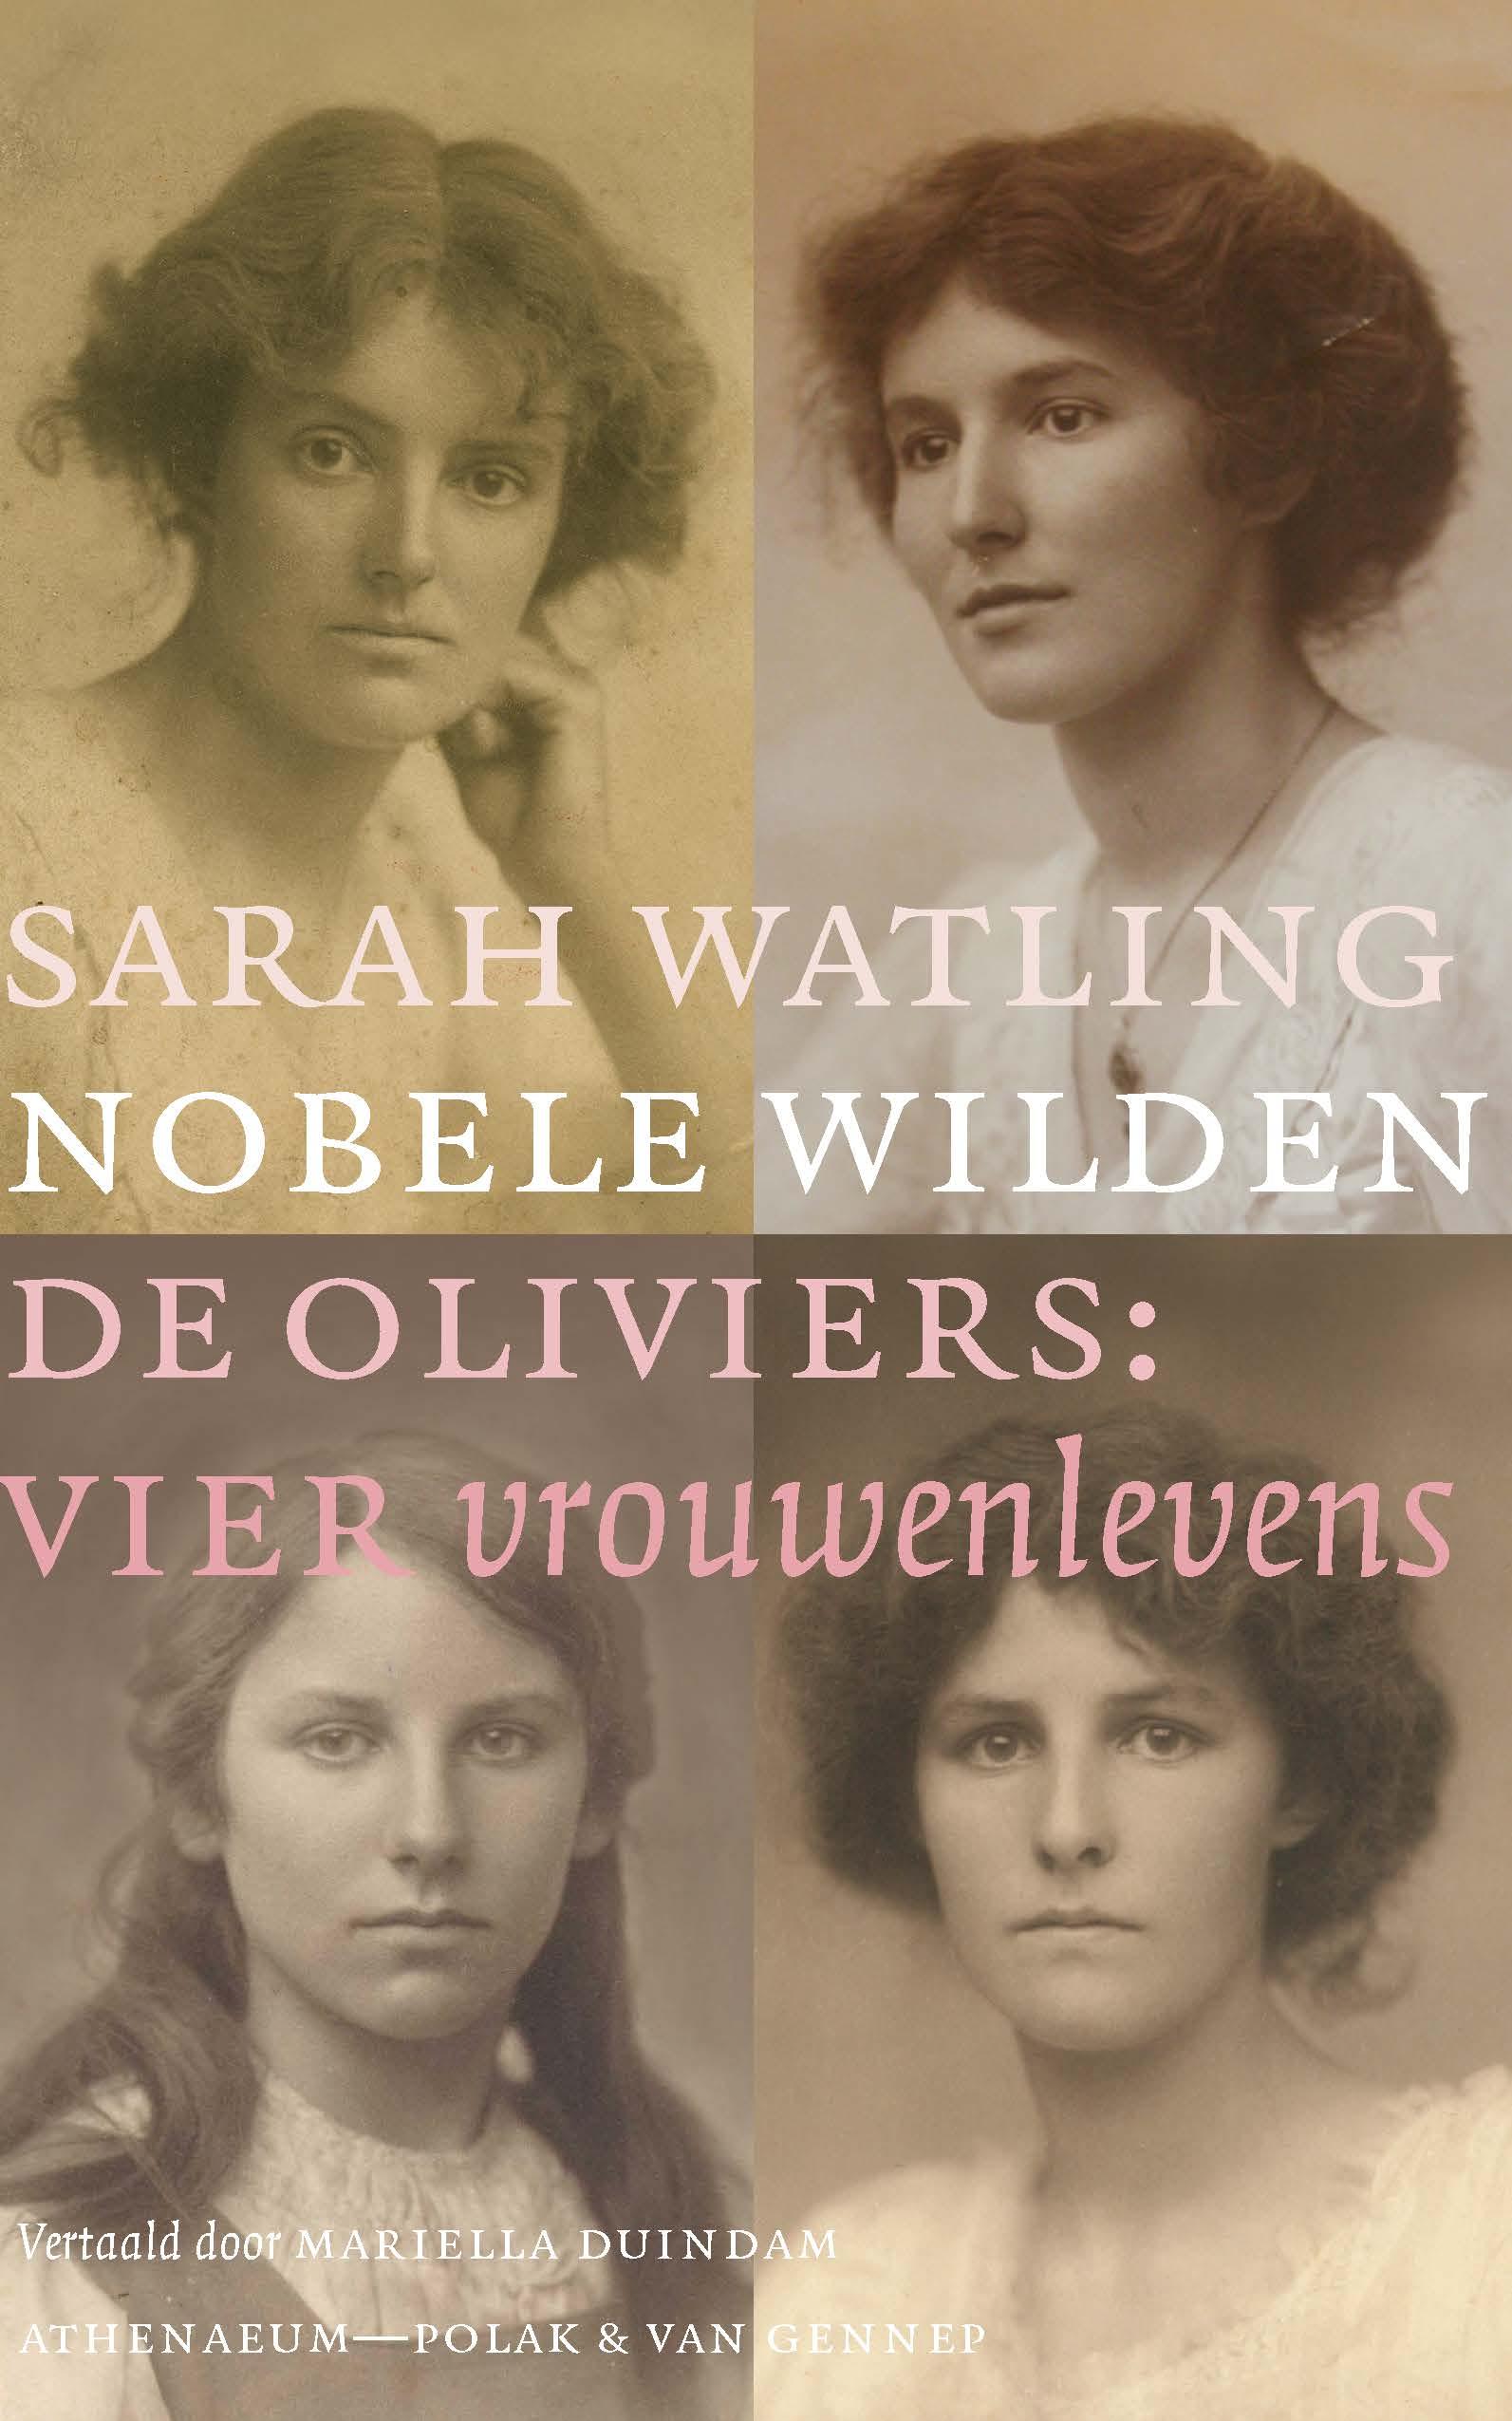 Nobele wilden - boekenflits